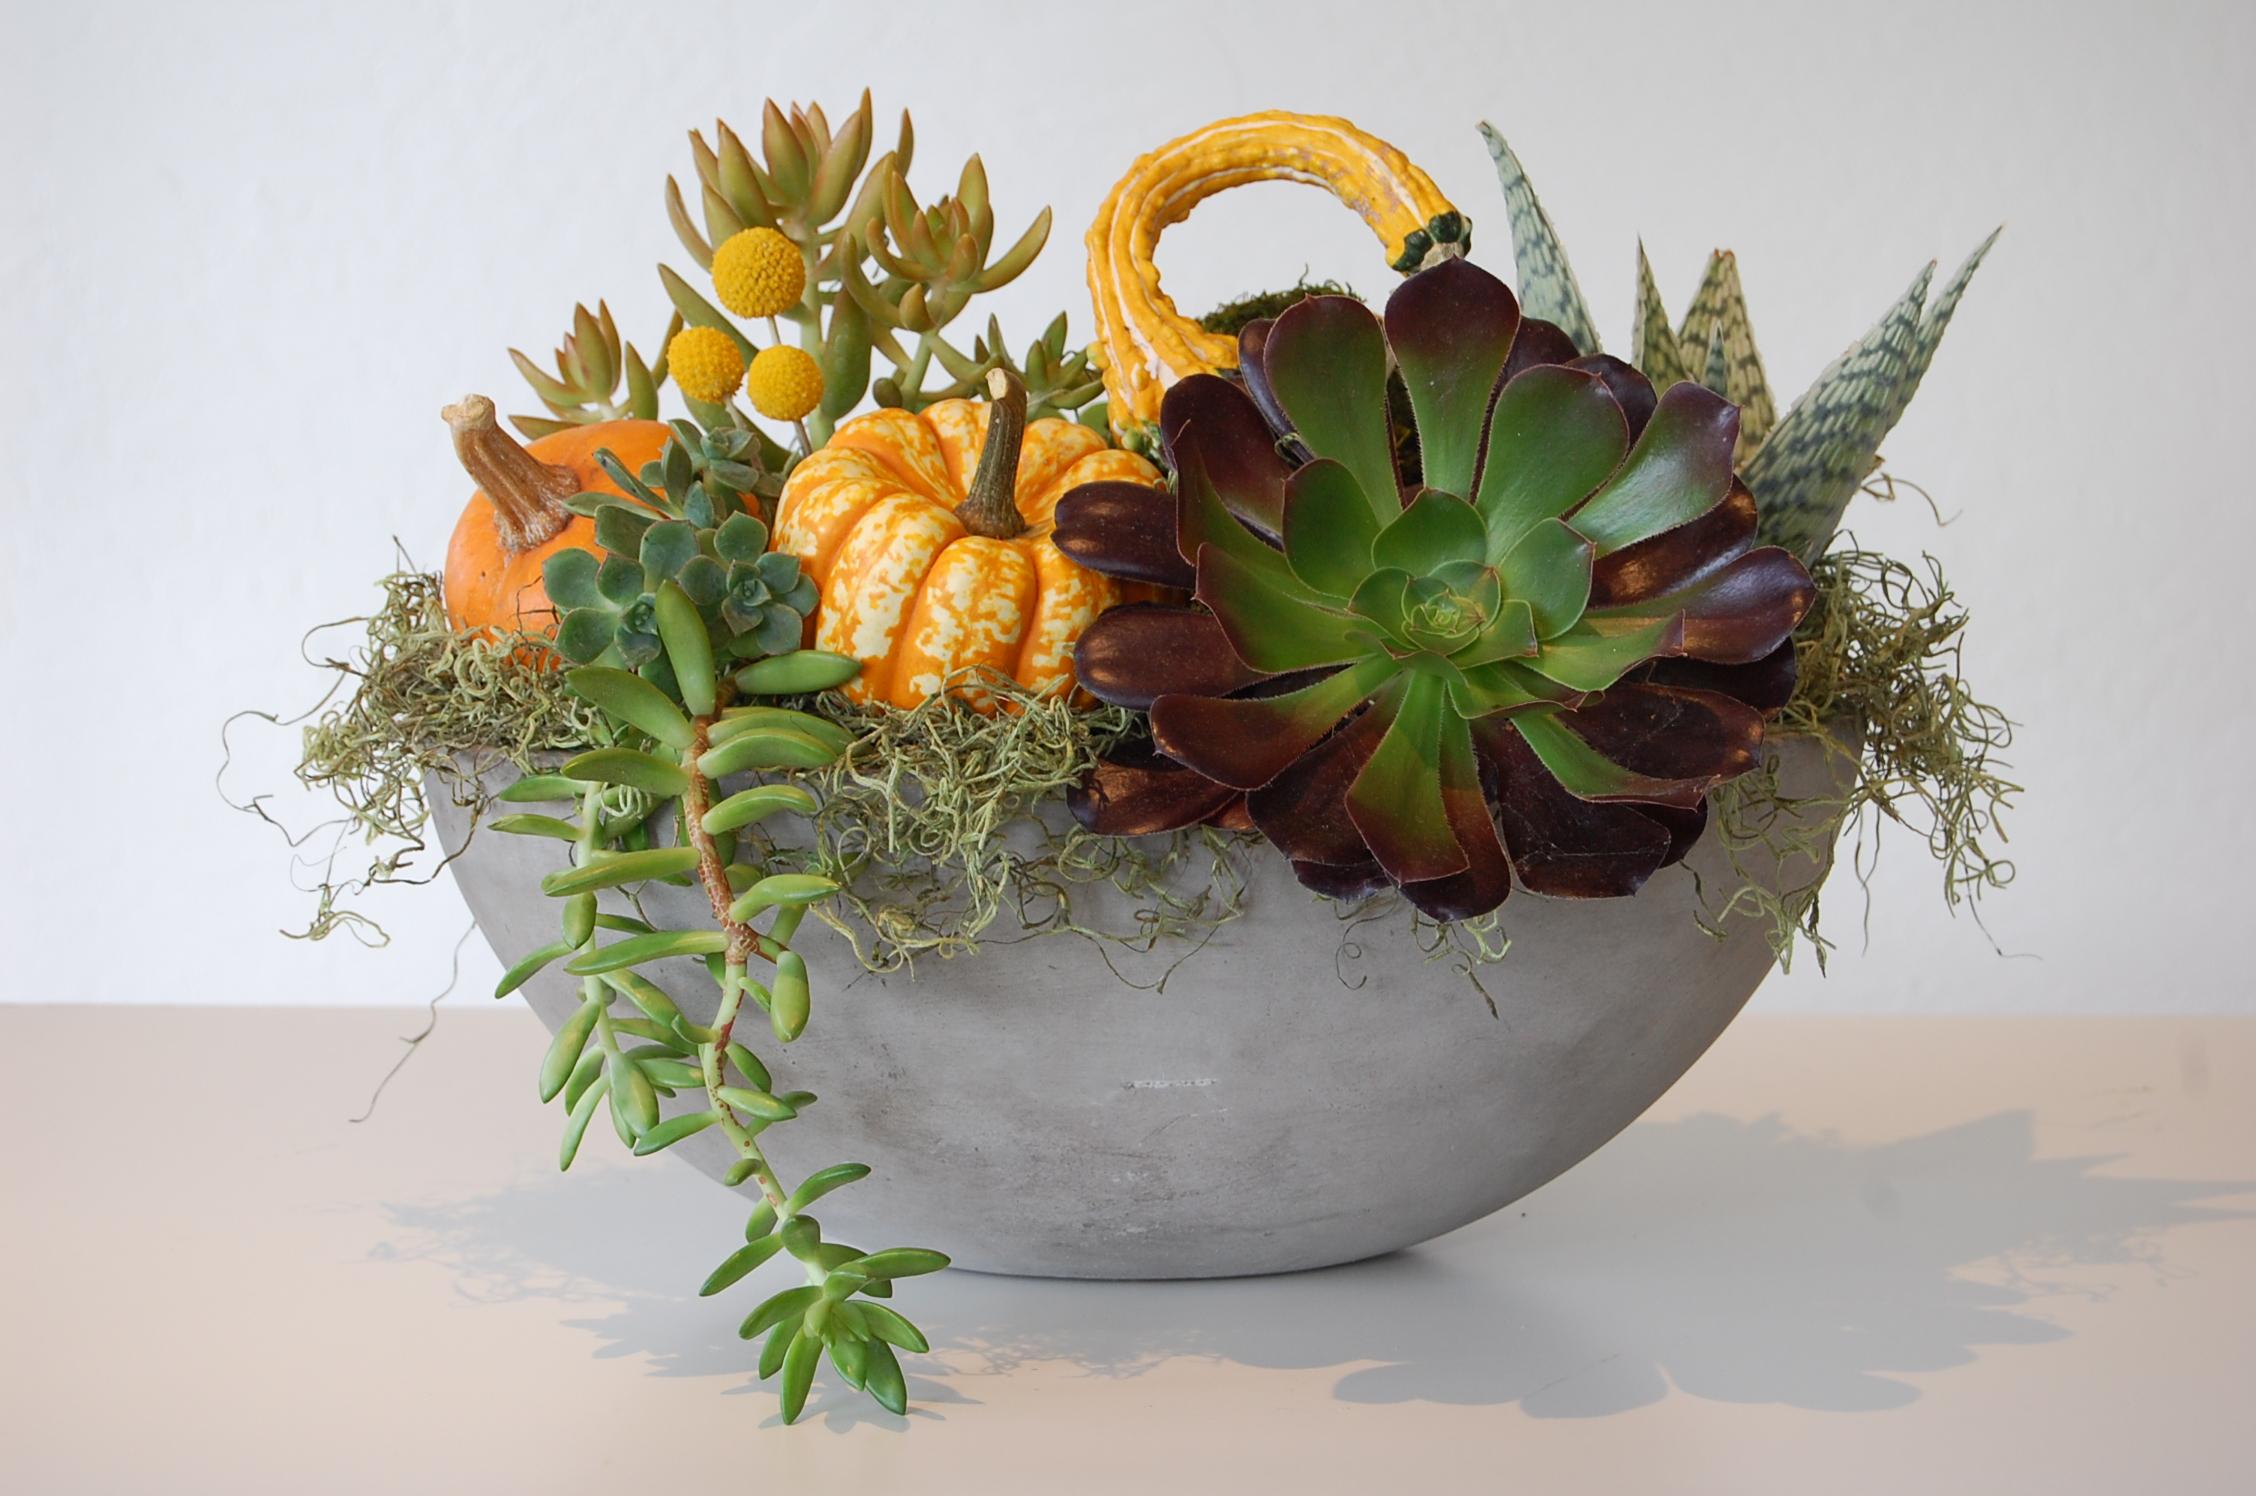 Thanksgiving Concrete Oval Bowl in Autumn Theme